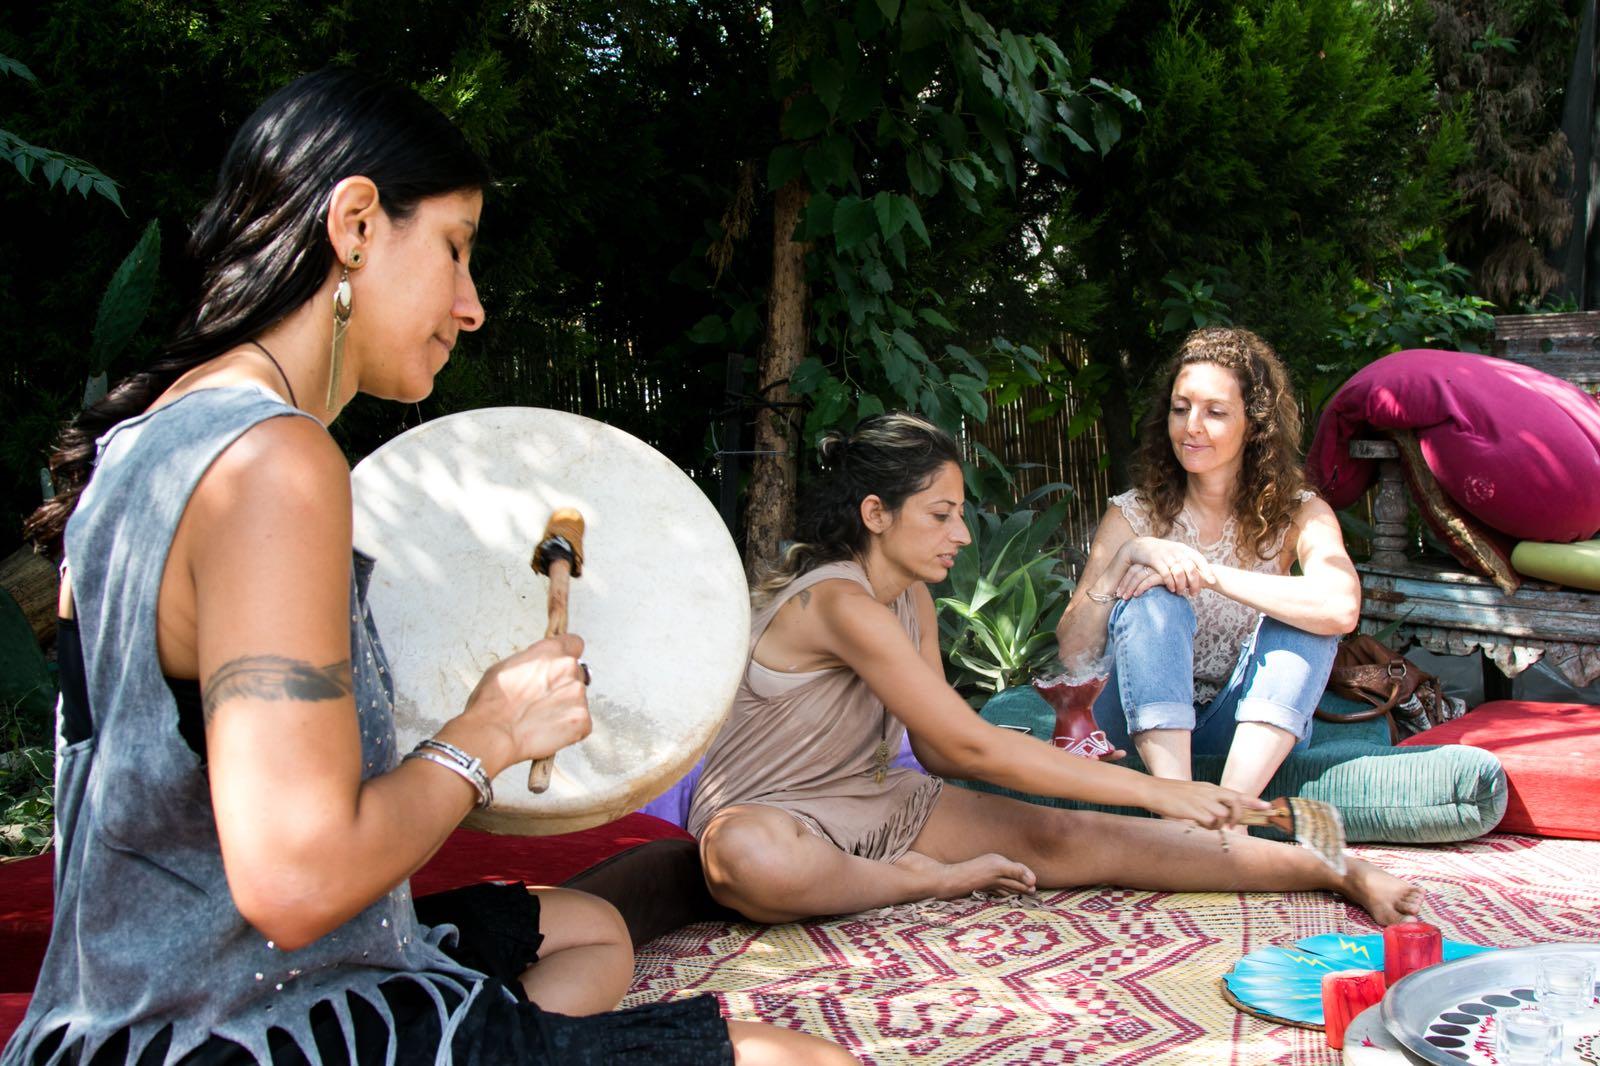 נשים מספרות את חוויתן